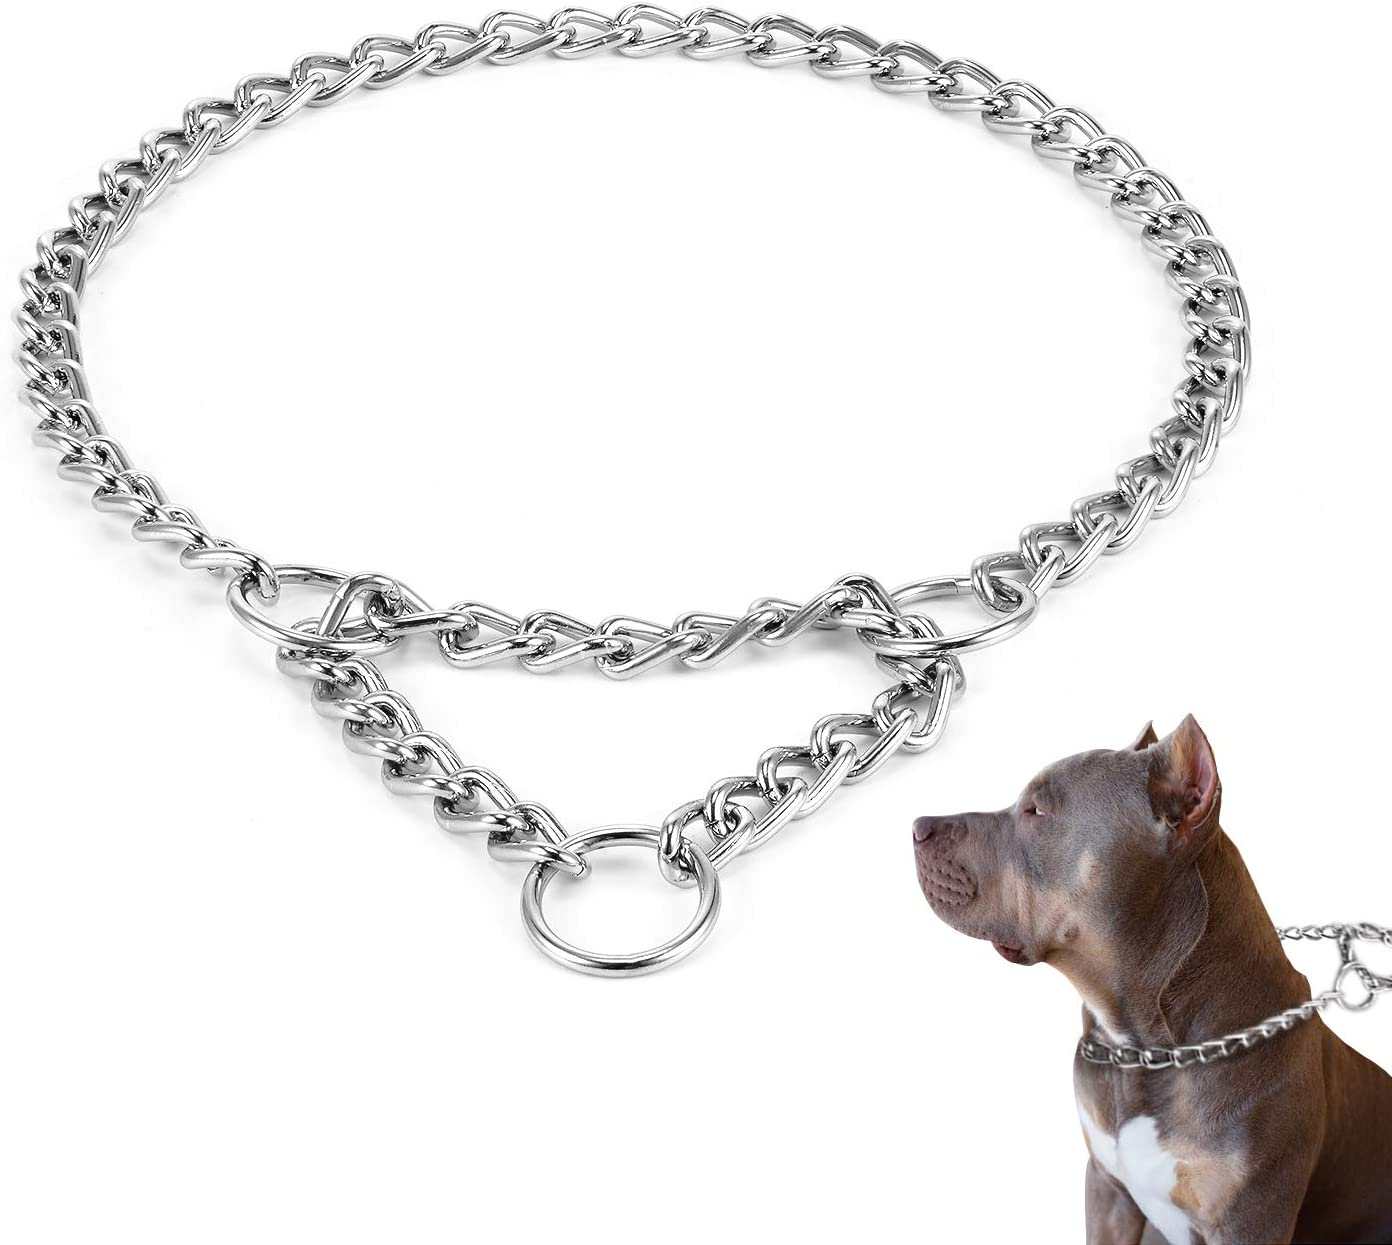 HAPPY HACHI Collar Cadena Martingale Perro Collares Perros Mediano Grande Semi Choke Cromado Acero Consistent para Adiestramiento